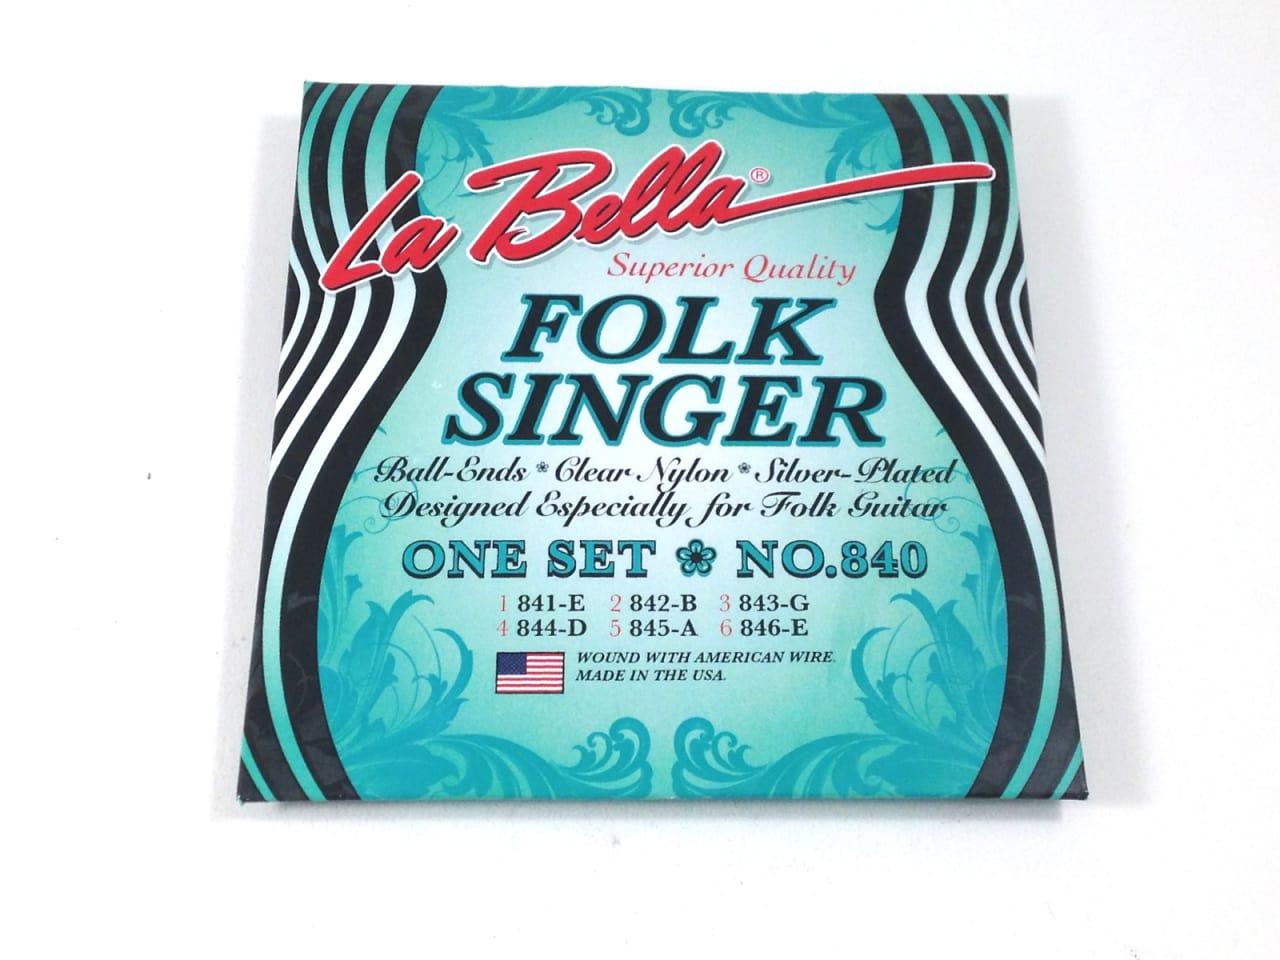 la bella guitar strings folk singer 840 ball end nylon for reverb. Black Bedroom Furniture Sets. Home Design Ideas